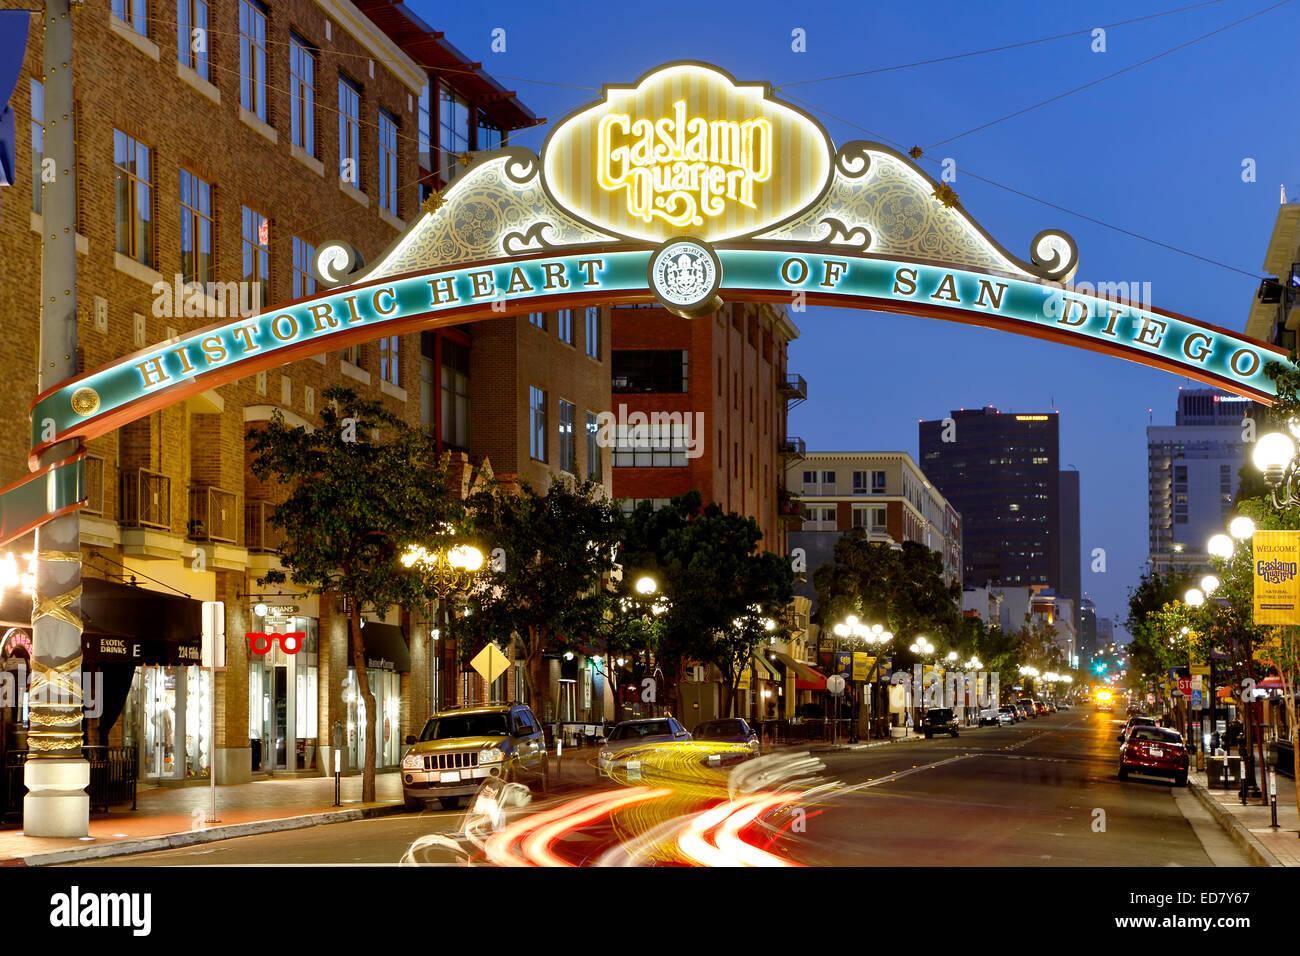 Historischen Gaslamp Quarter, San Diego, Kalifornien USA Stockbild